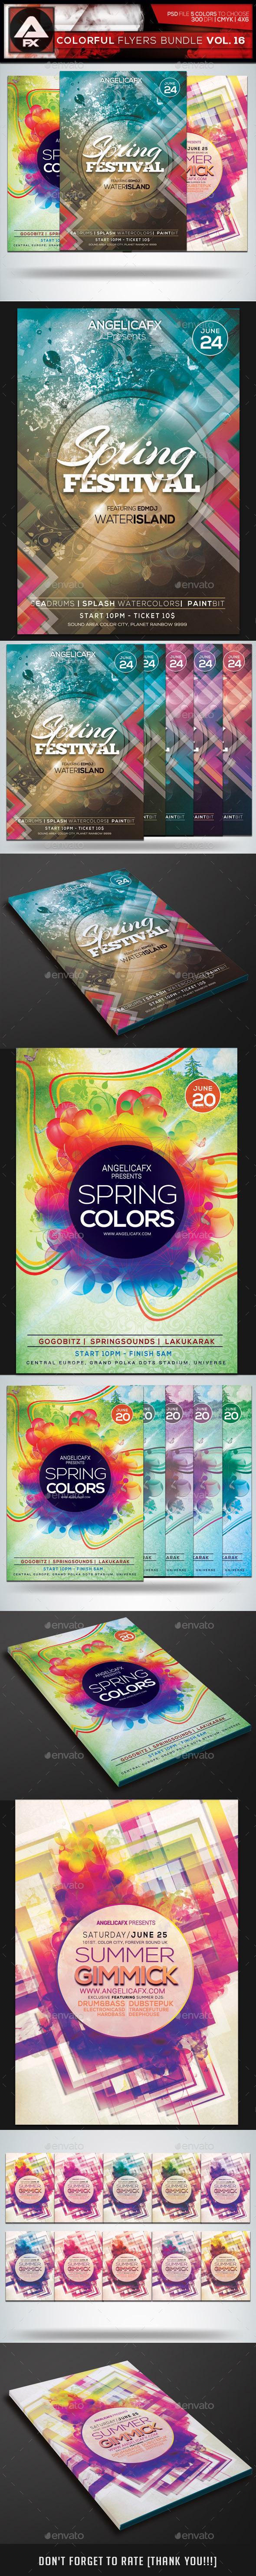 GraphicRiver Colorful Flyers Bundle Vol.16 10801962